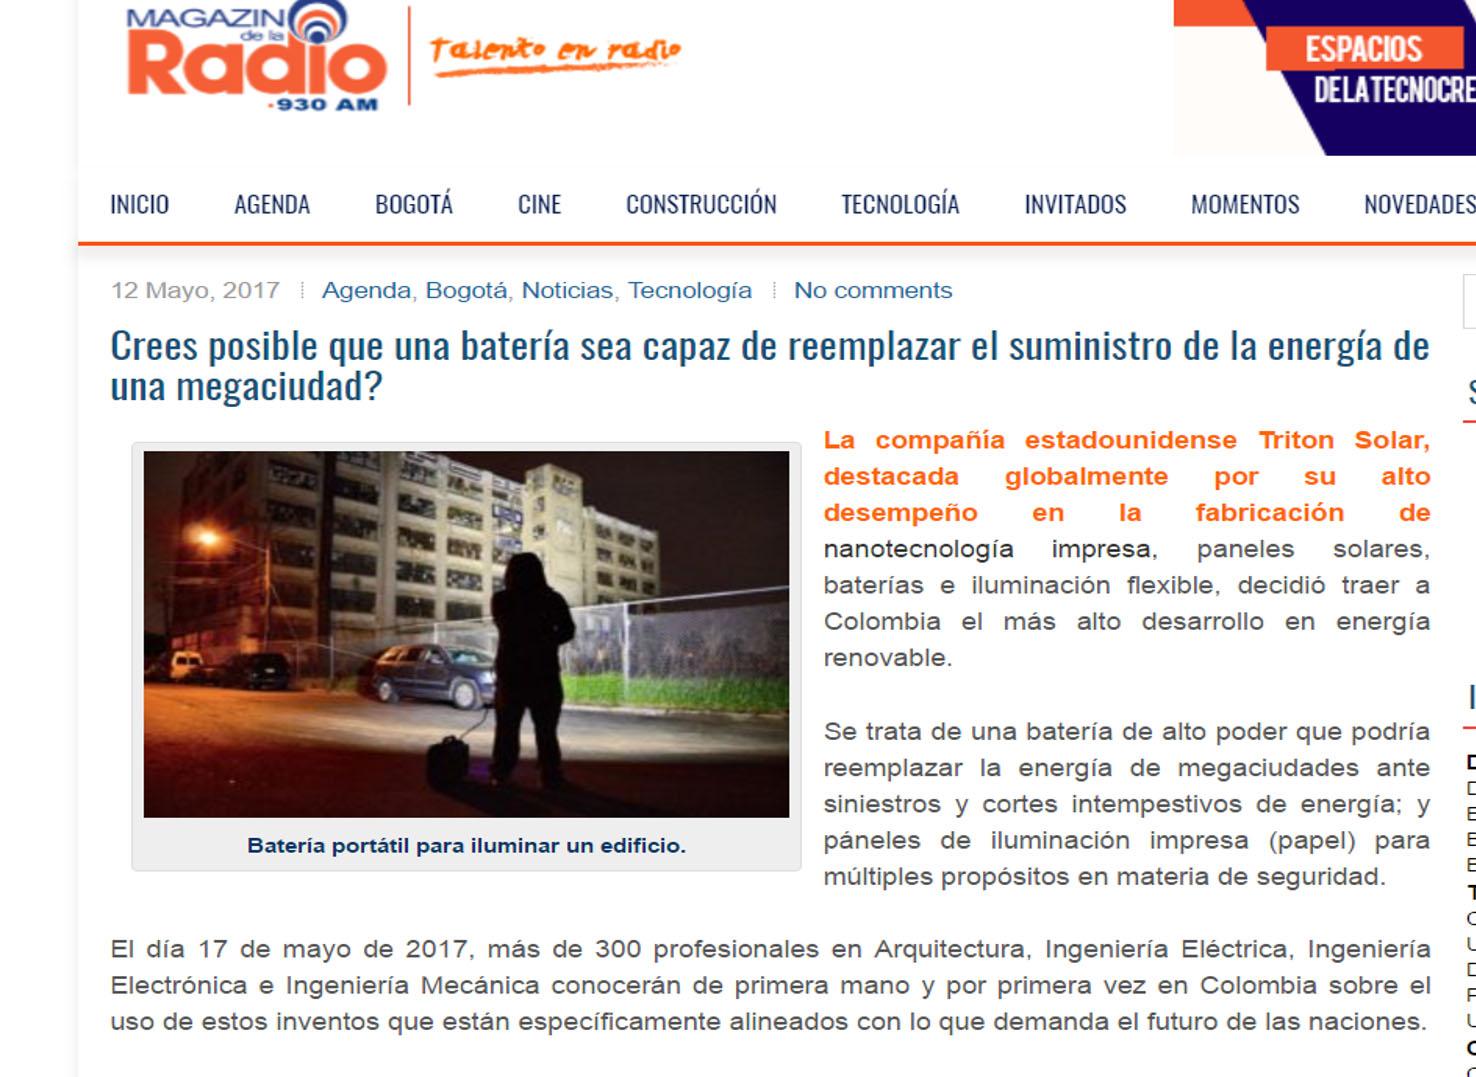 Todelar- Magazín de la Radio 12 de mayo